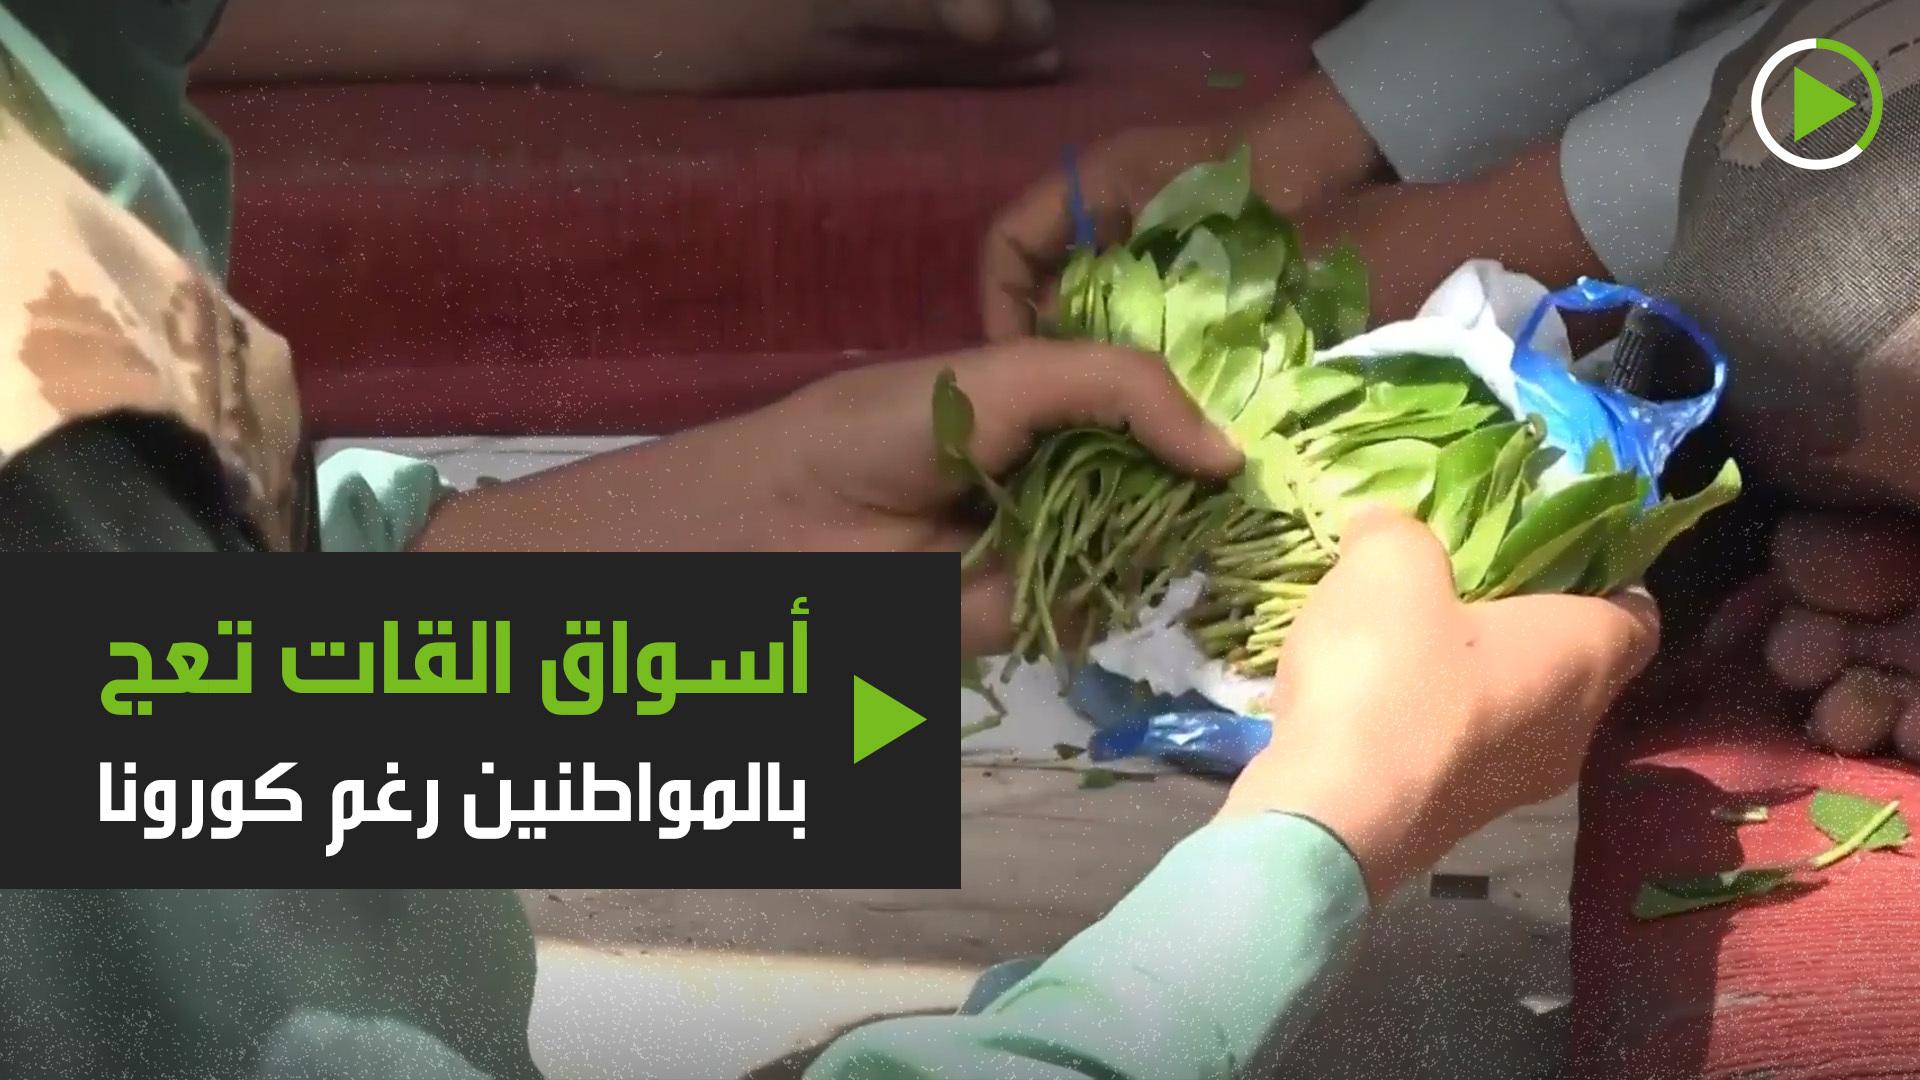 أسواق القات تعج بالمواطنين رغم كورونا في اليمن